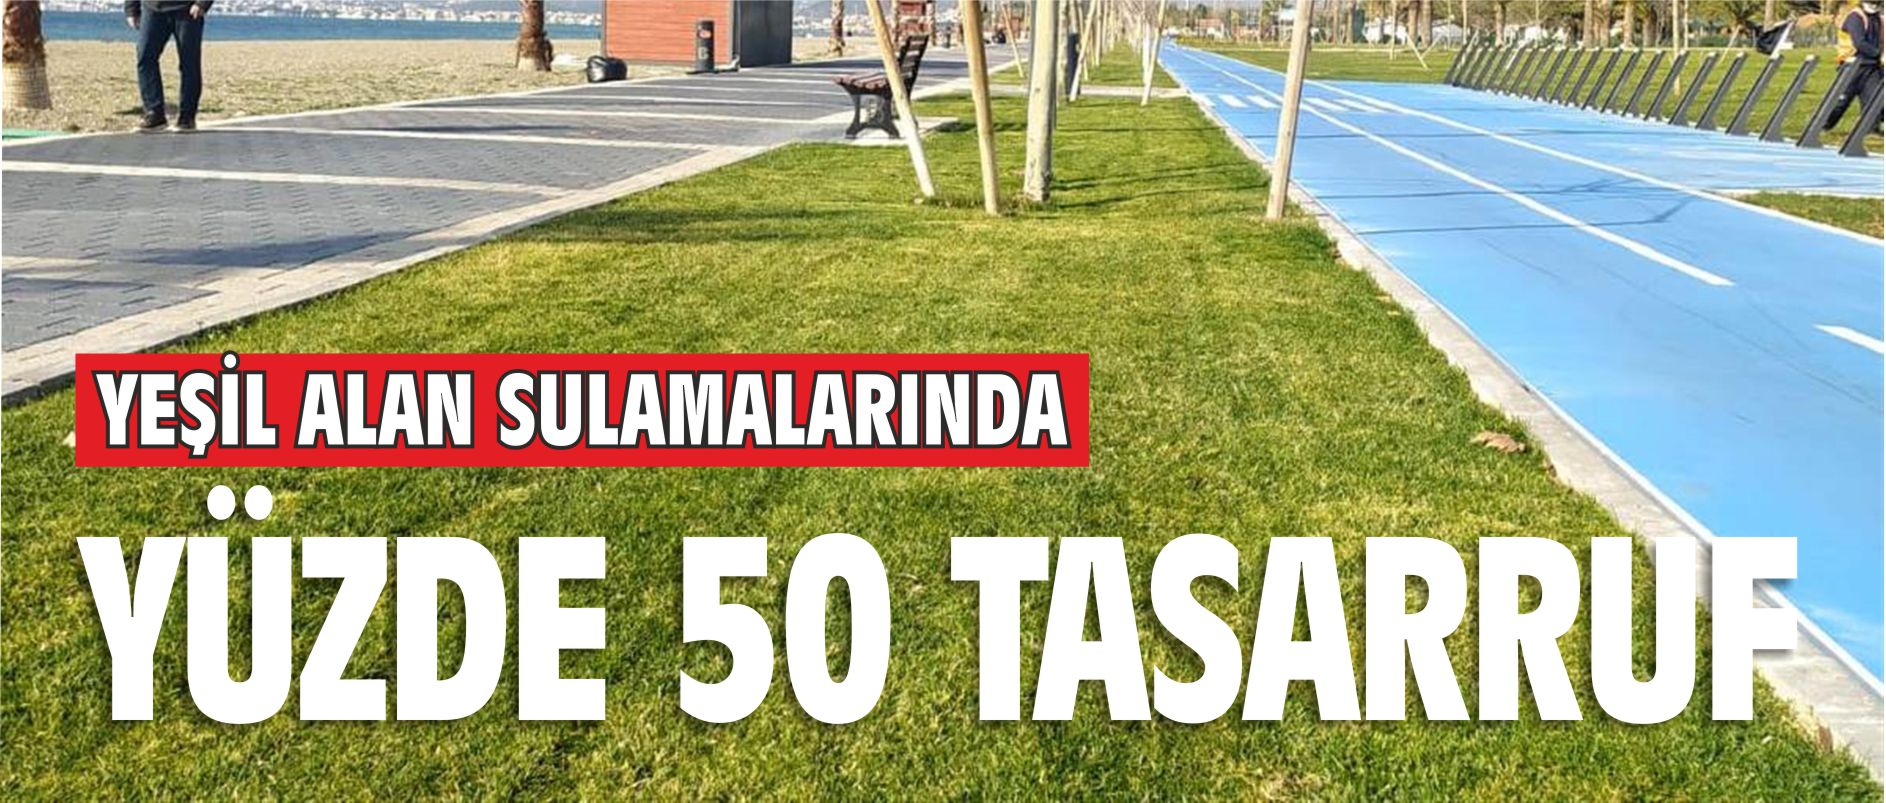 YEŞİL ALAN SULAMASINDA YÜZDE 50 TASARRUF